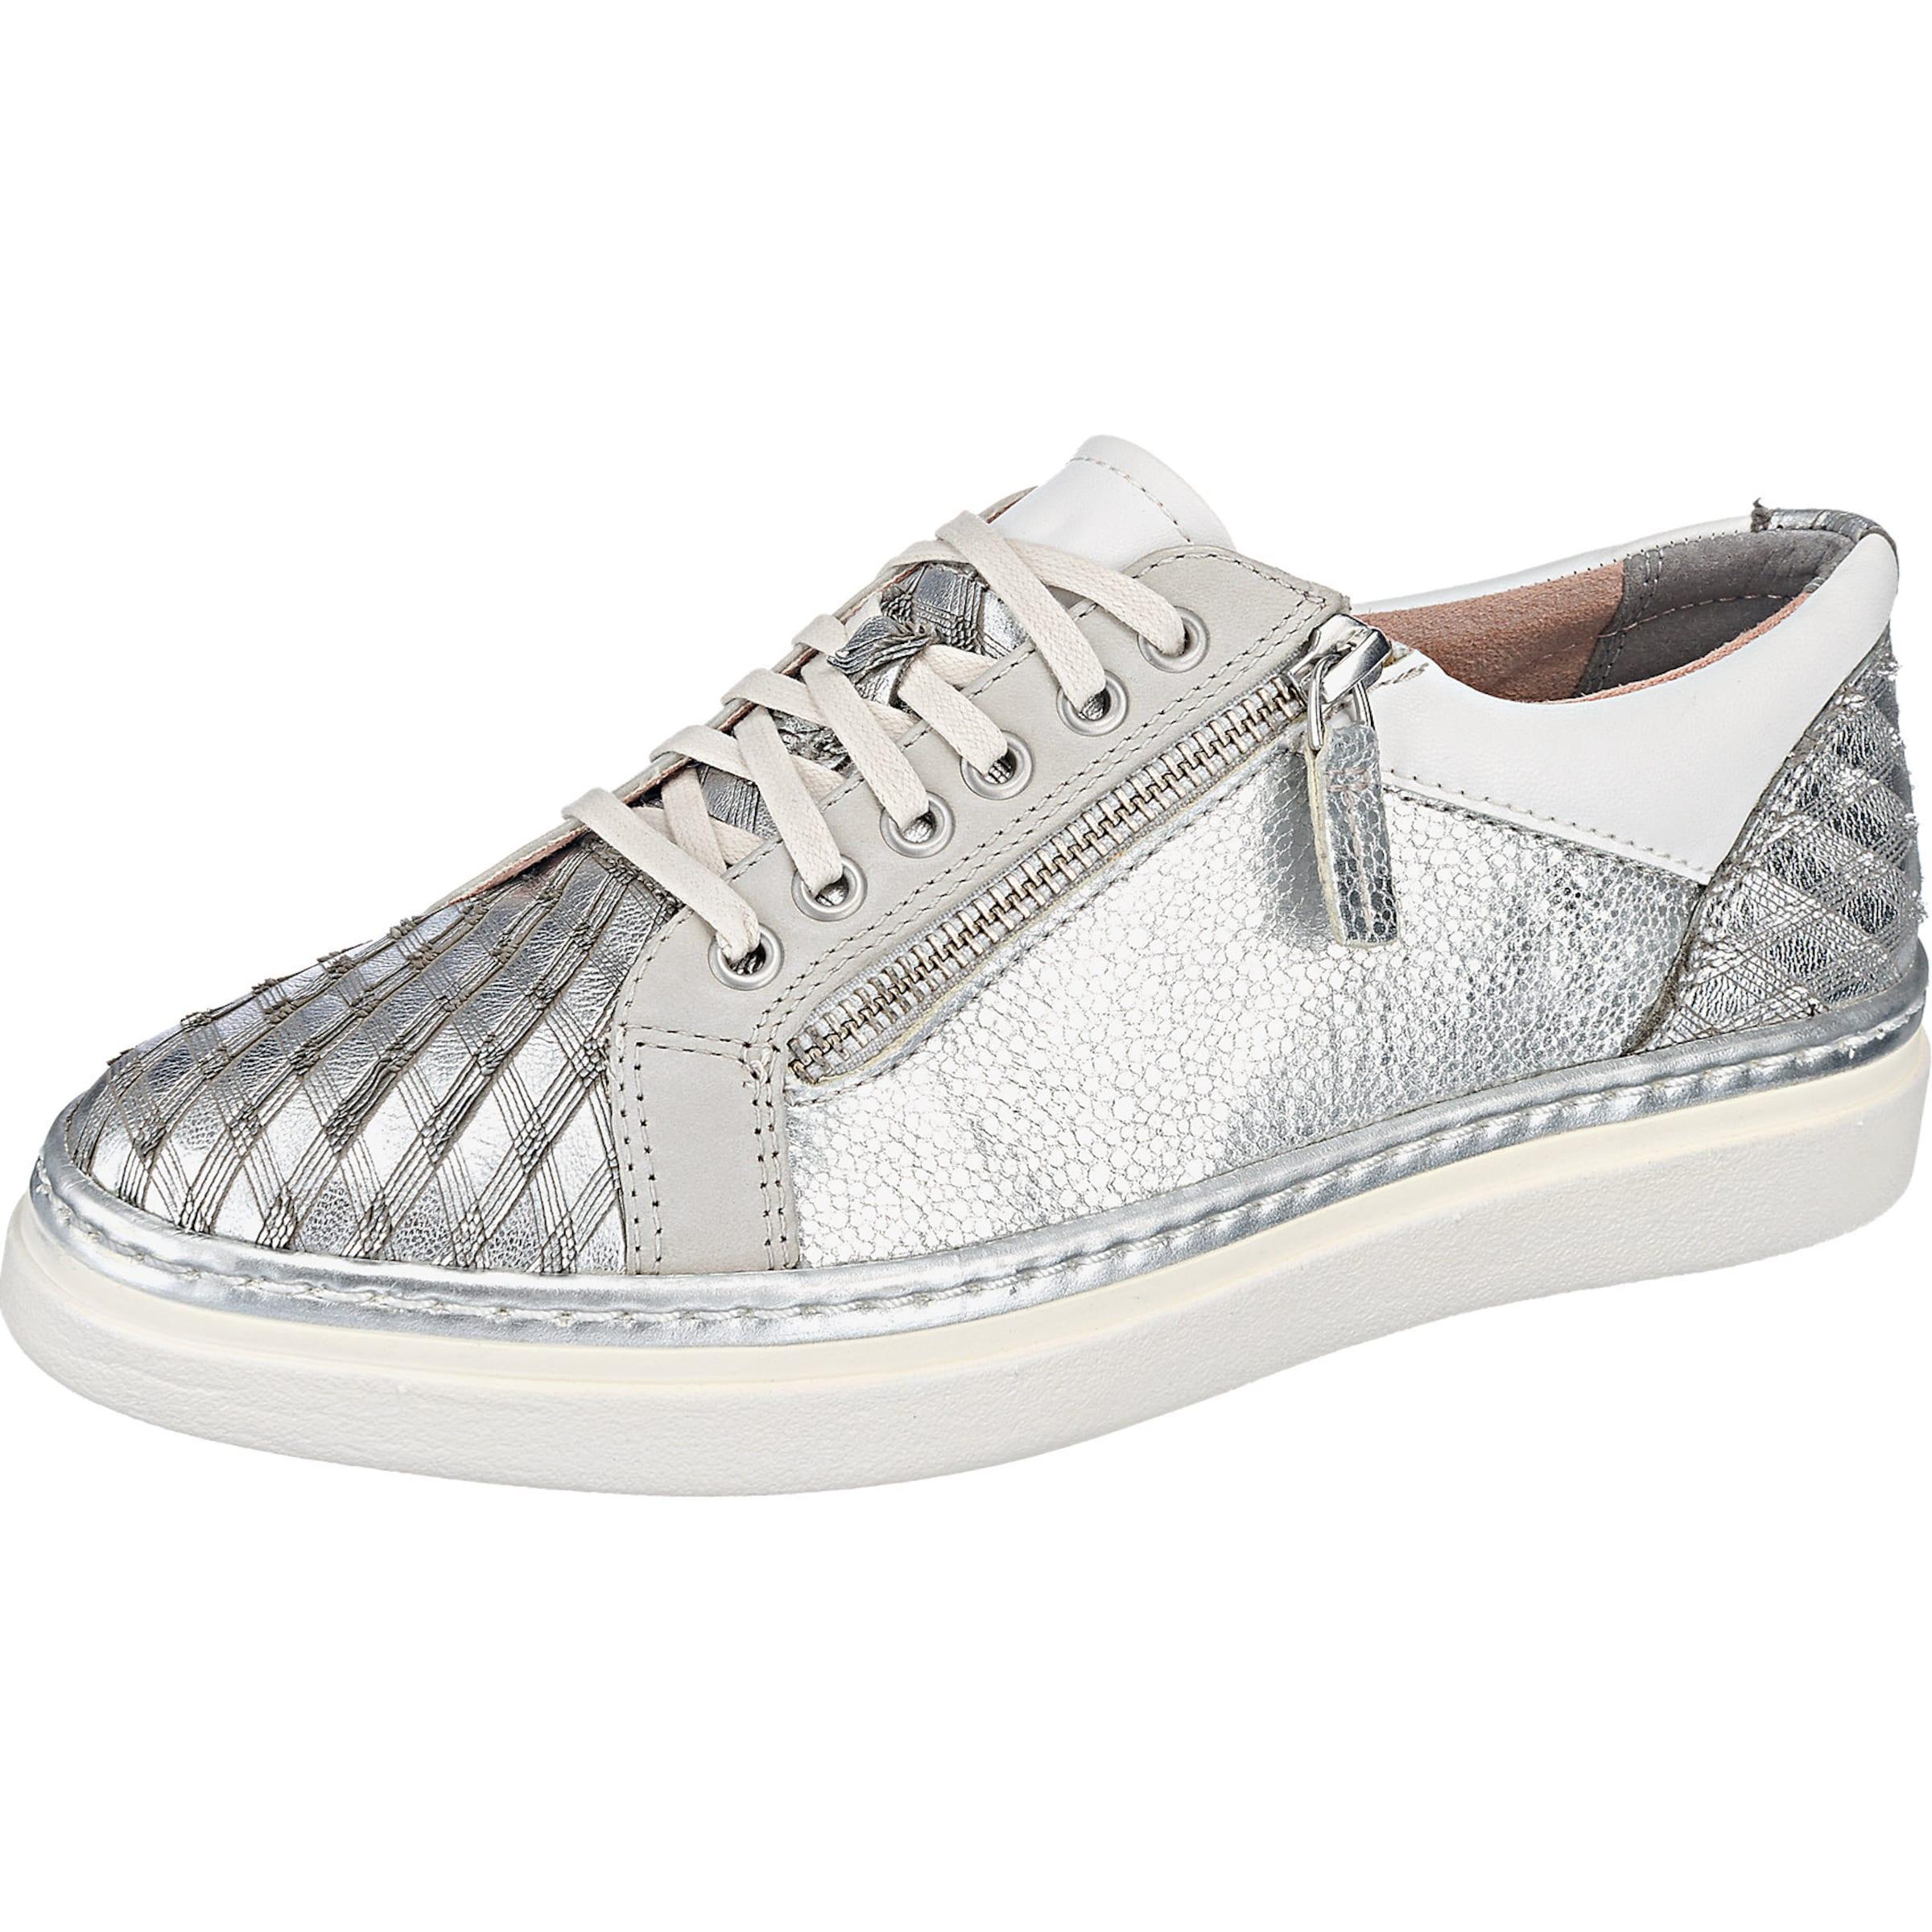 TAMARIS Milla Sneakers Verschleißfeste billige Schuhe